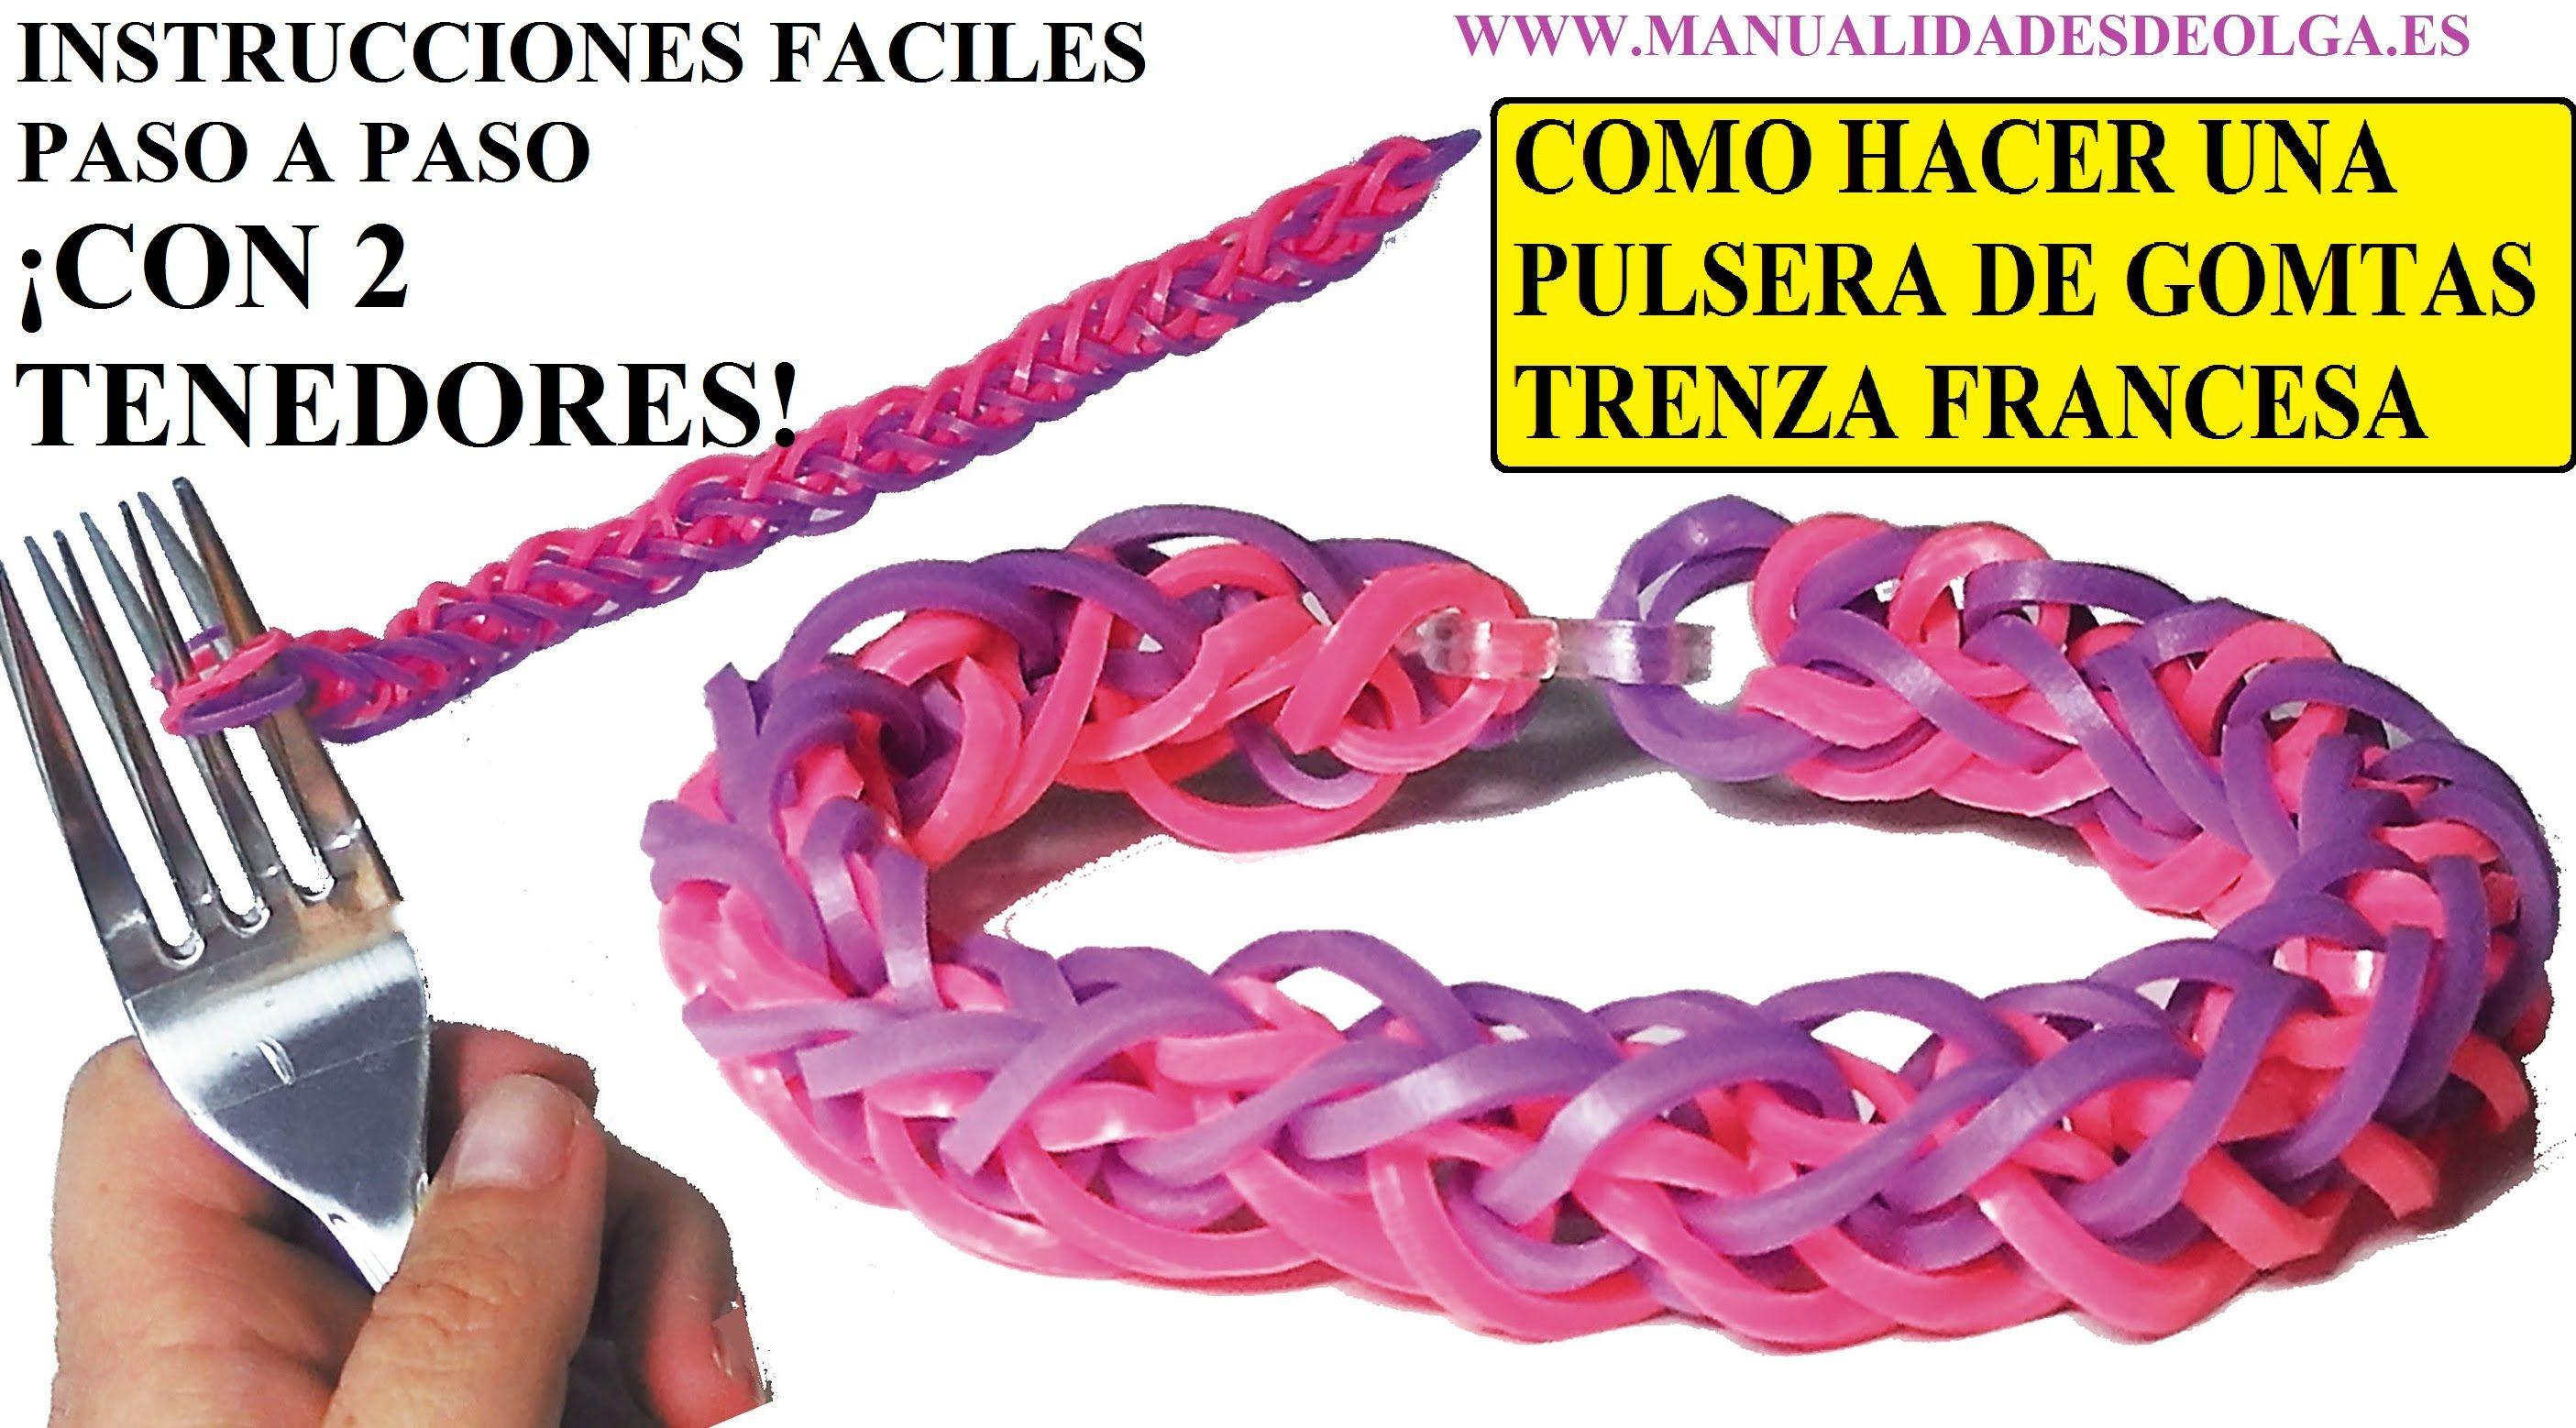 04a753bb5170 COMO HACER PULSERA DE GOMITAS TRENZA FRANCESA CON 2 TENEDORES ...